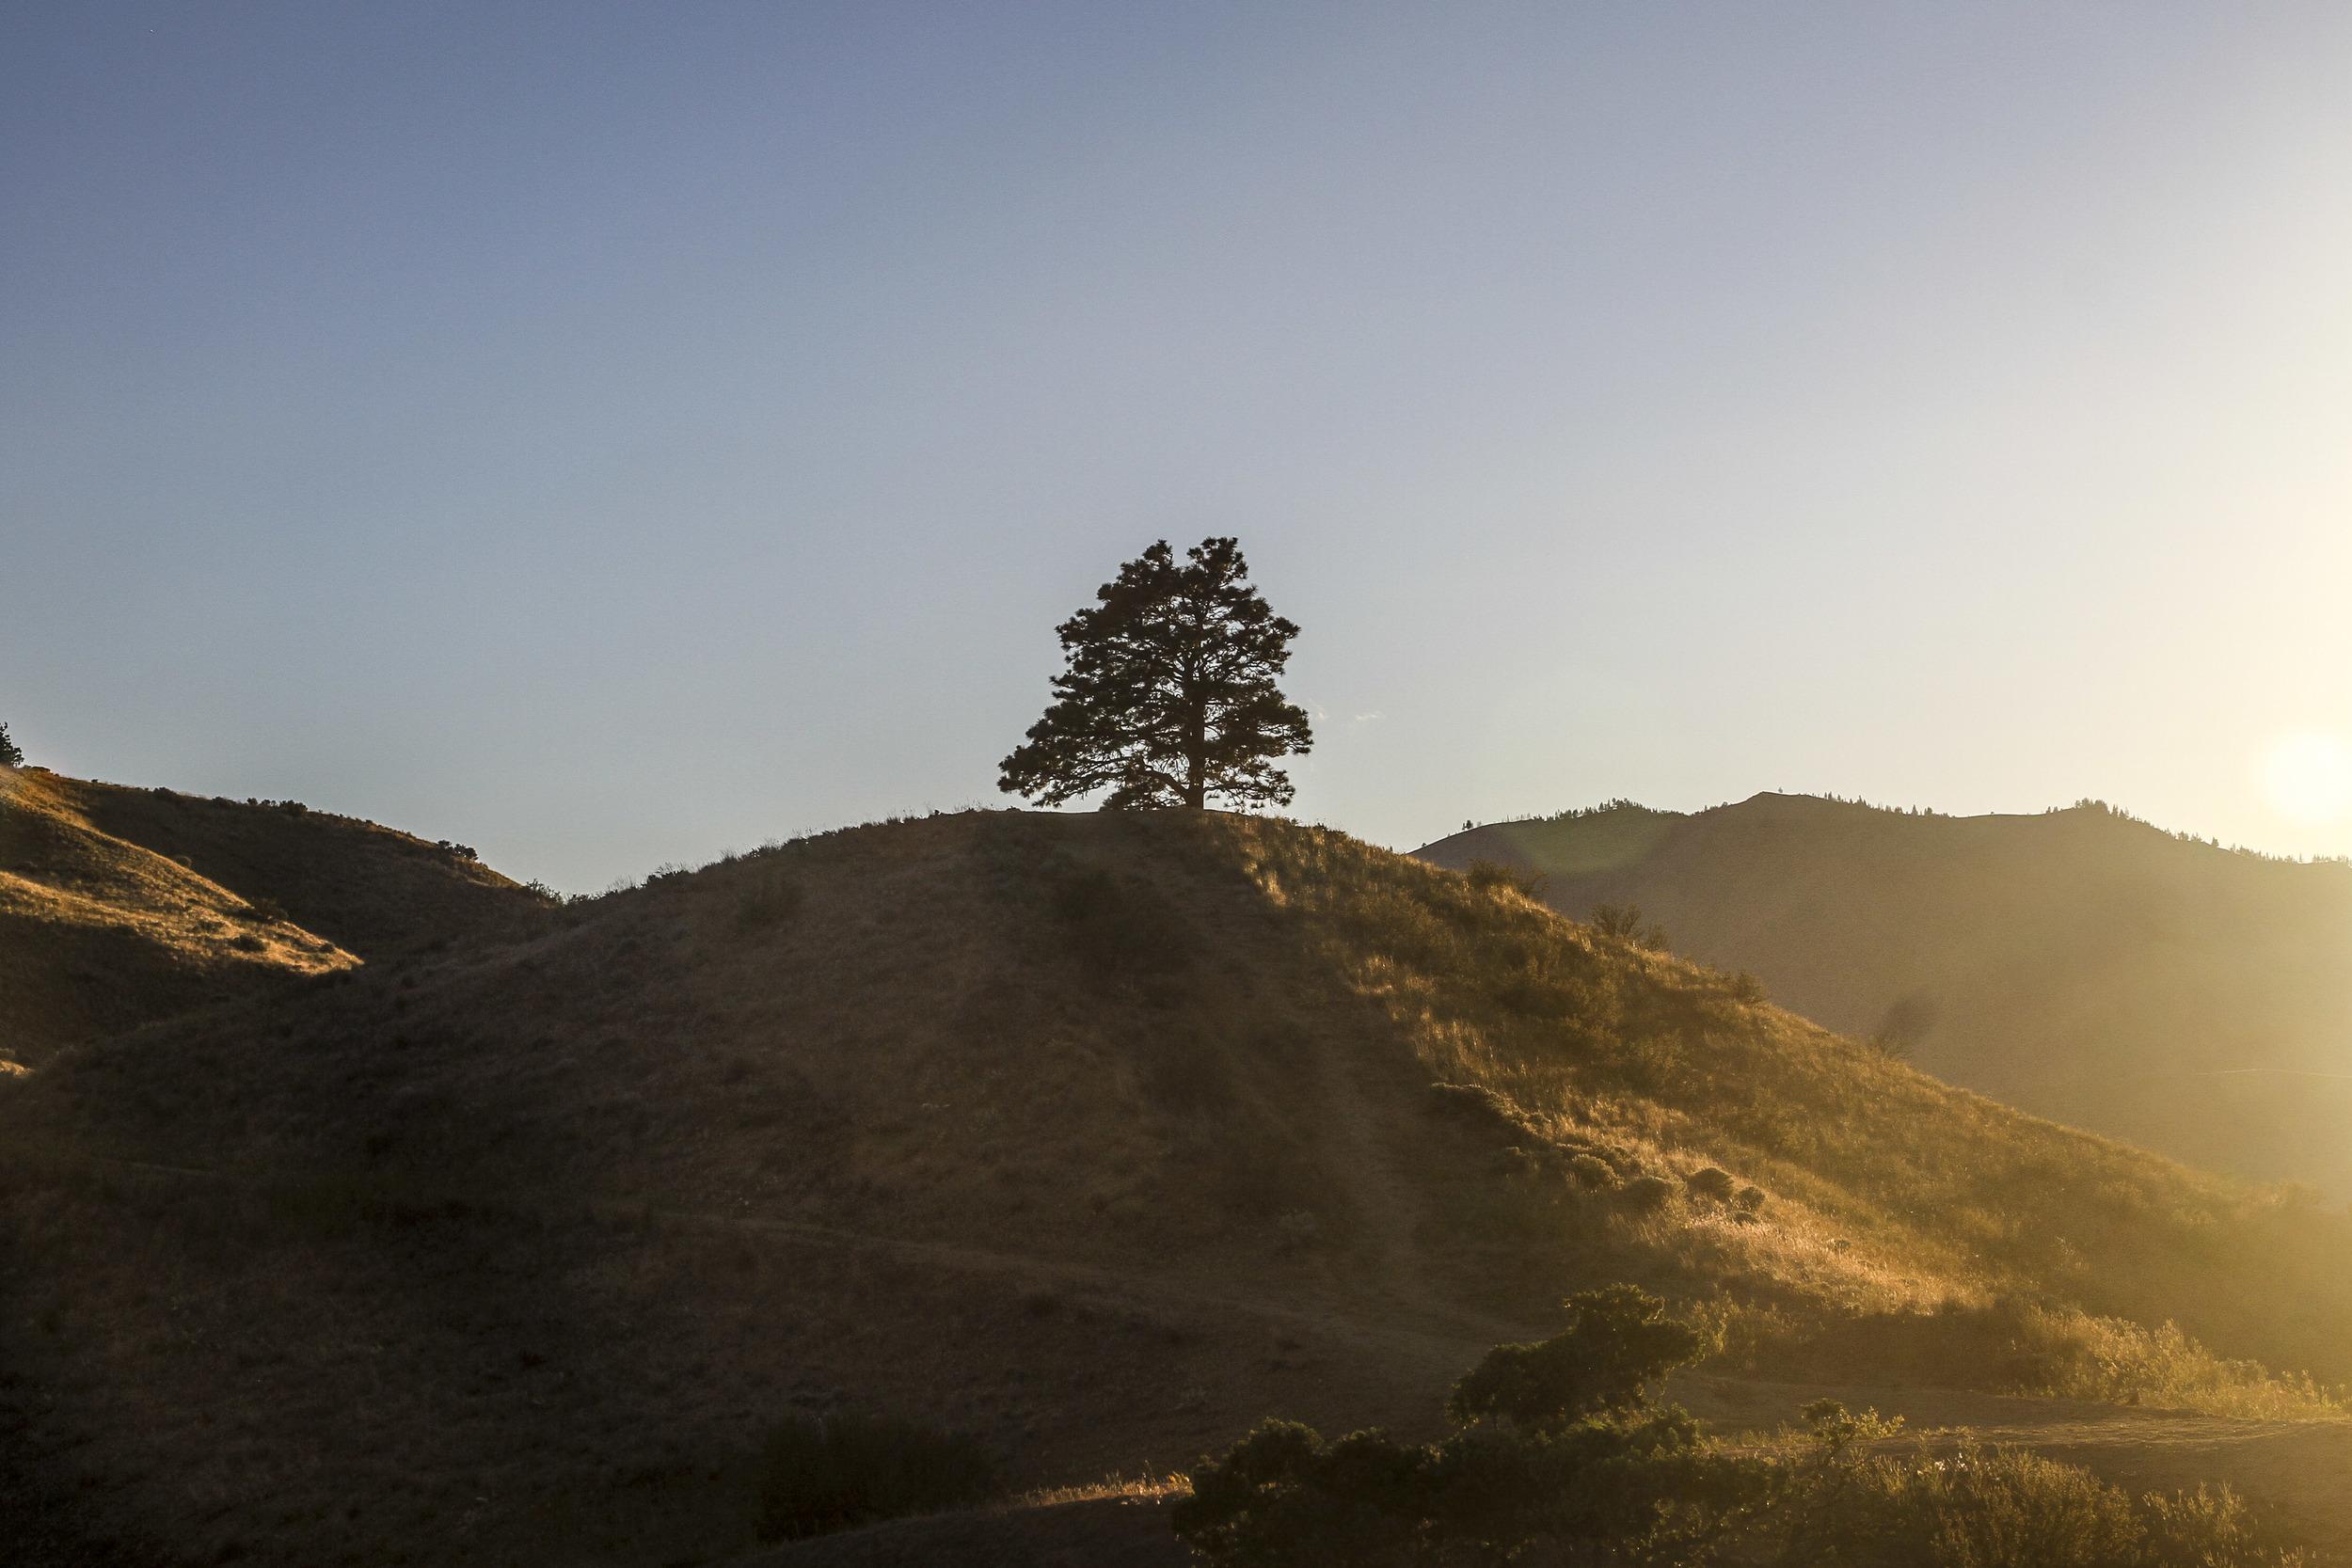 Hill of Wenatchee, WA